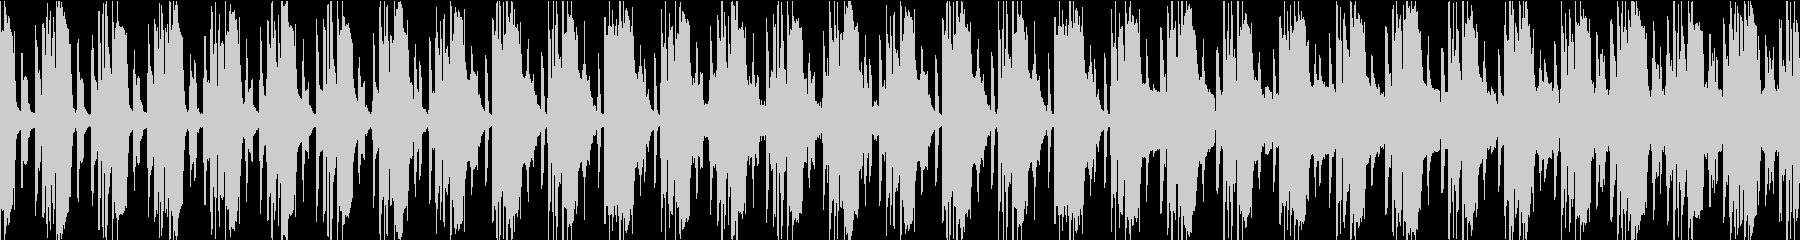 ずっしり響くピアノ&ギターの未再生の波形